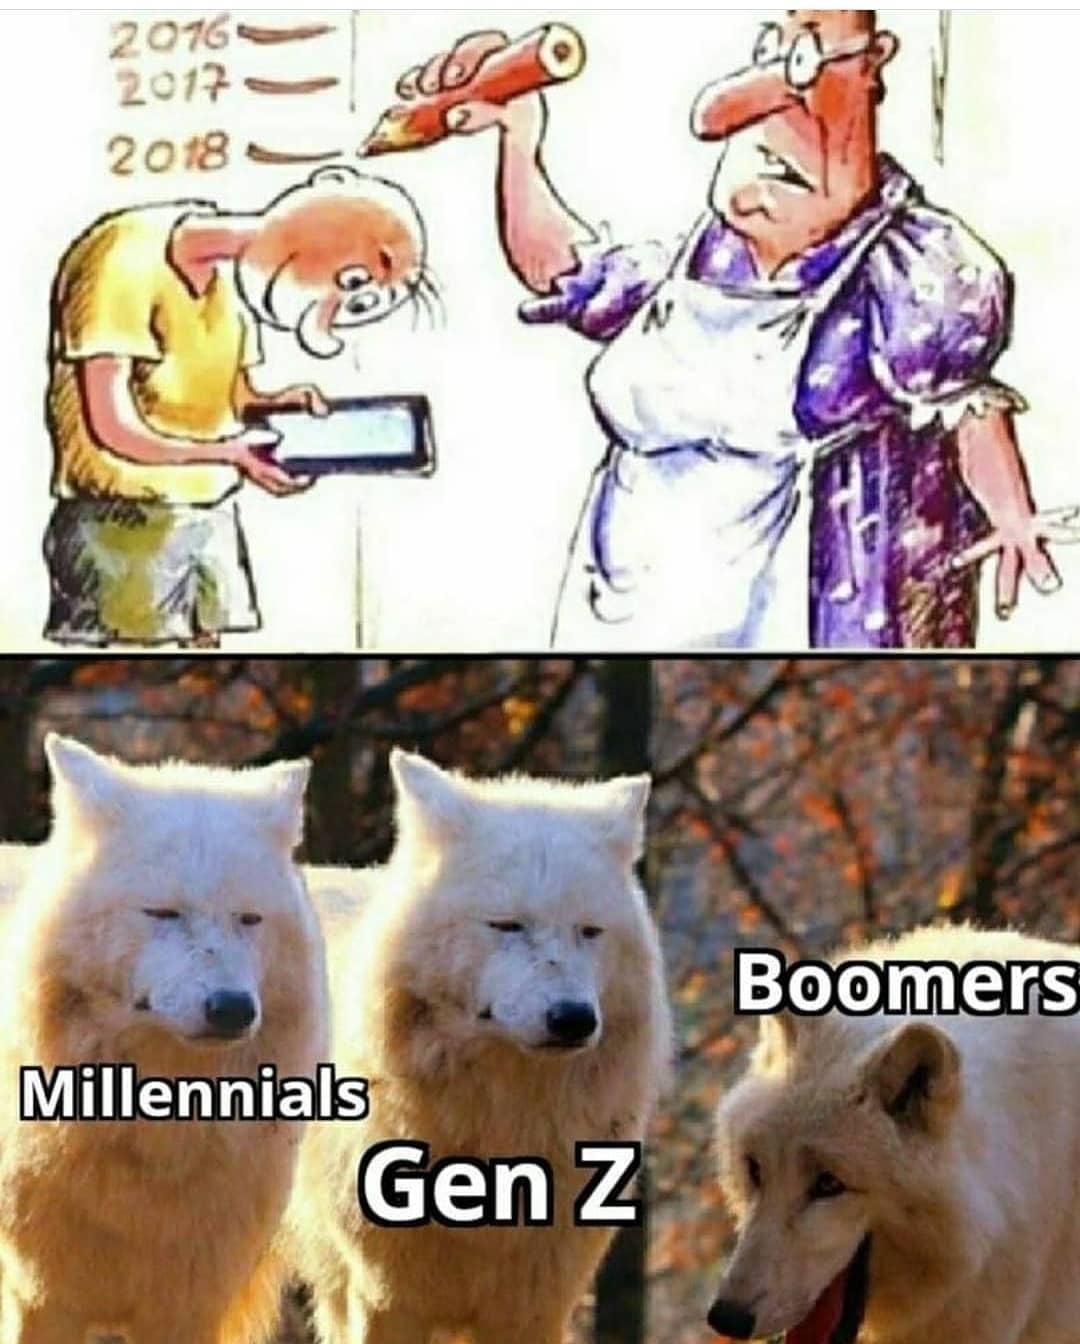 Millennials. Gen Z. Boomers.